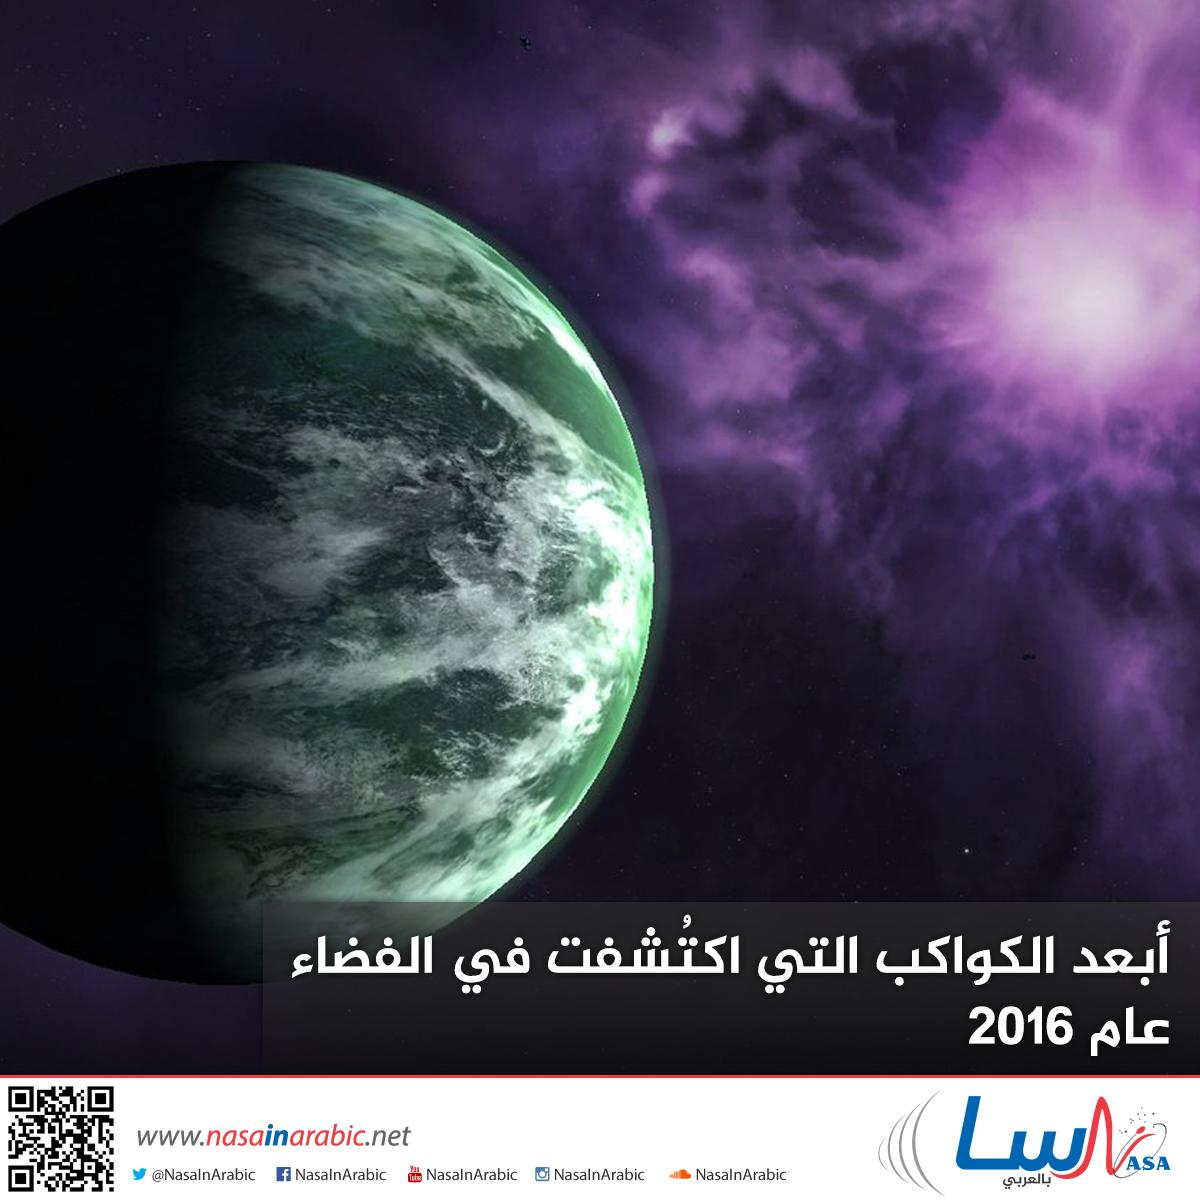 ناسا بالعربي أبعد الكواكب التي اكتشفت في الفضاء عام 2016